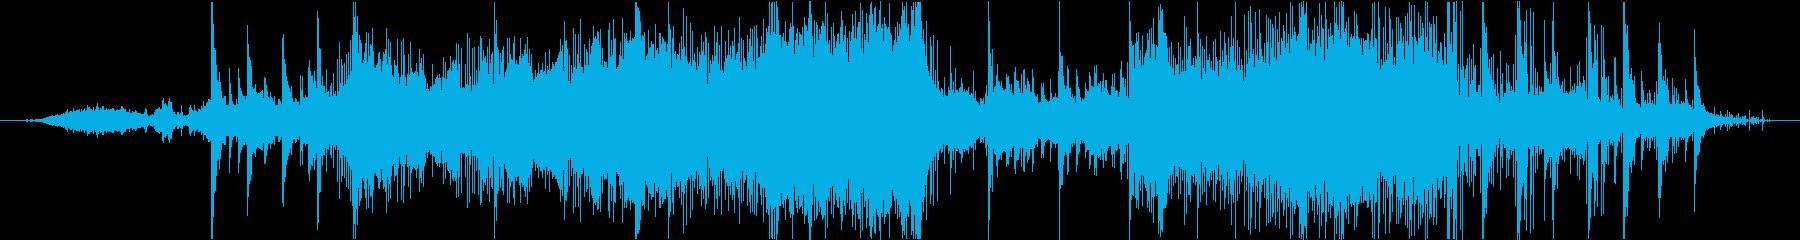 大自然・植物・ネイチャー系のBGMの再生済みの波形